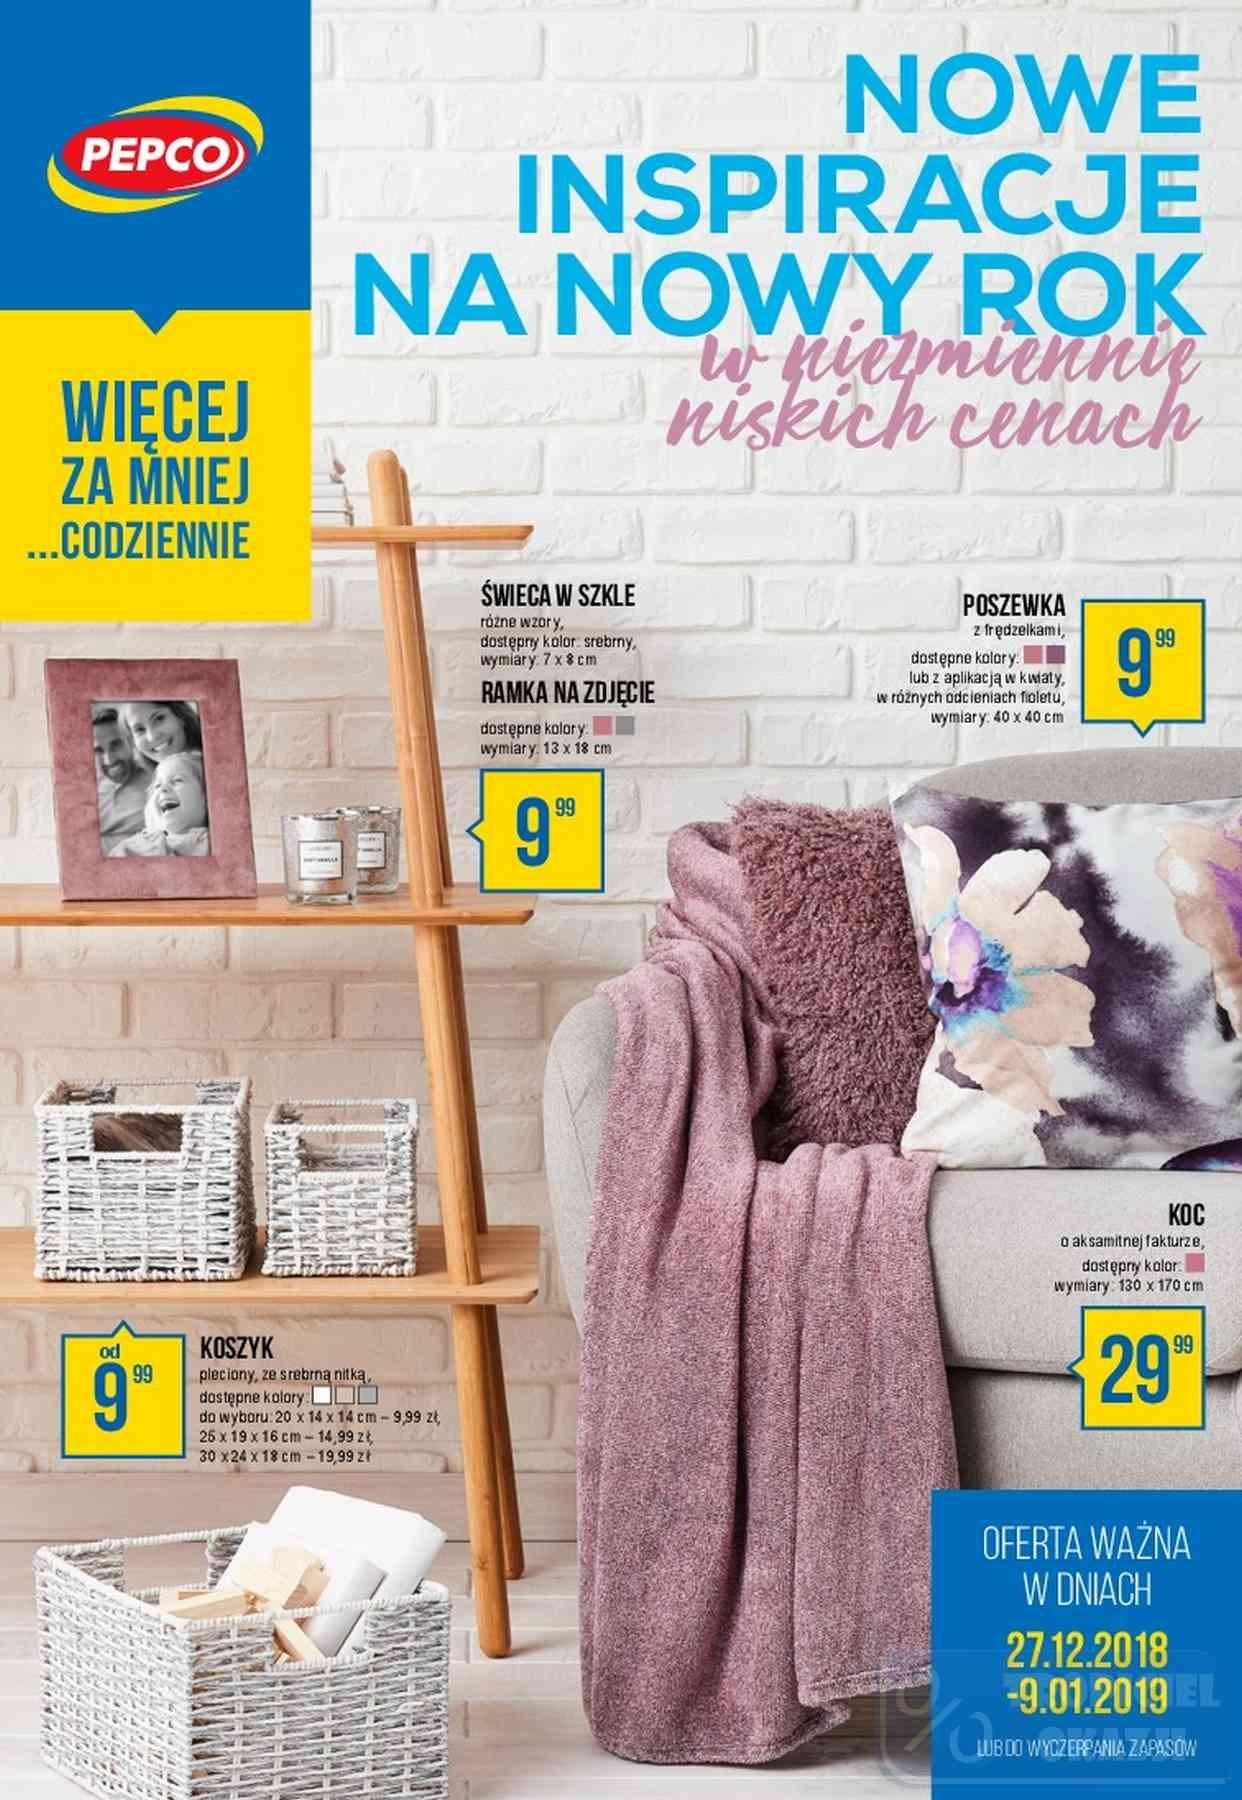 Gazetka promocyjna Pepco do 09/01/2019 str.1